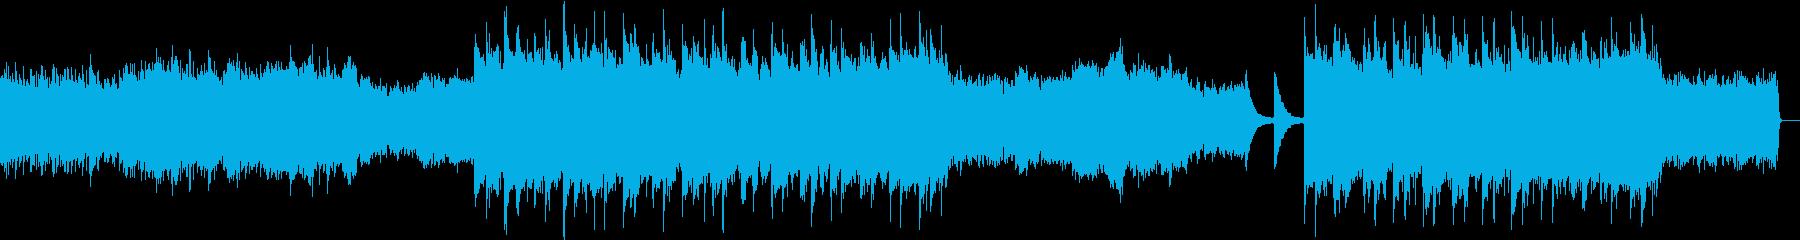 RPG/ゲーム/お城の再生済みの波形